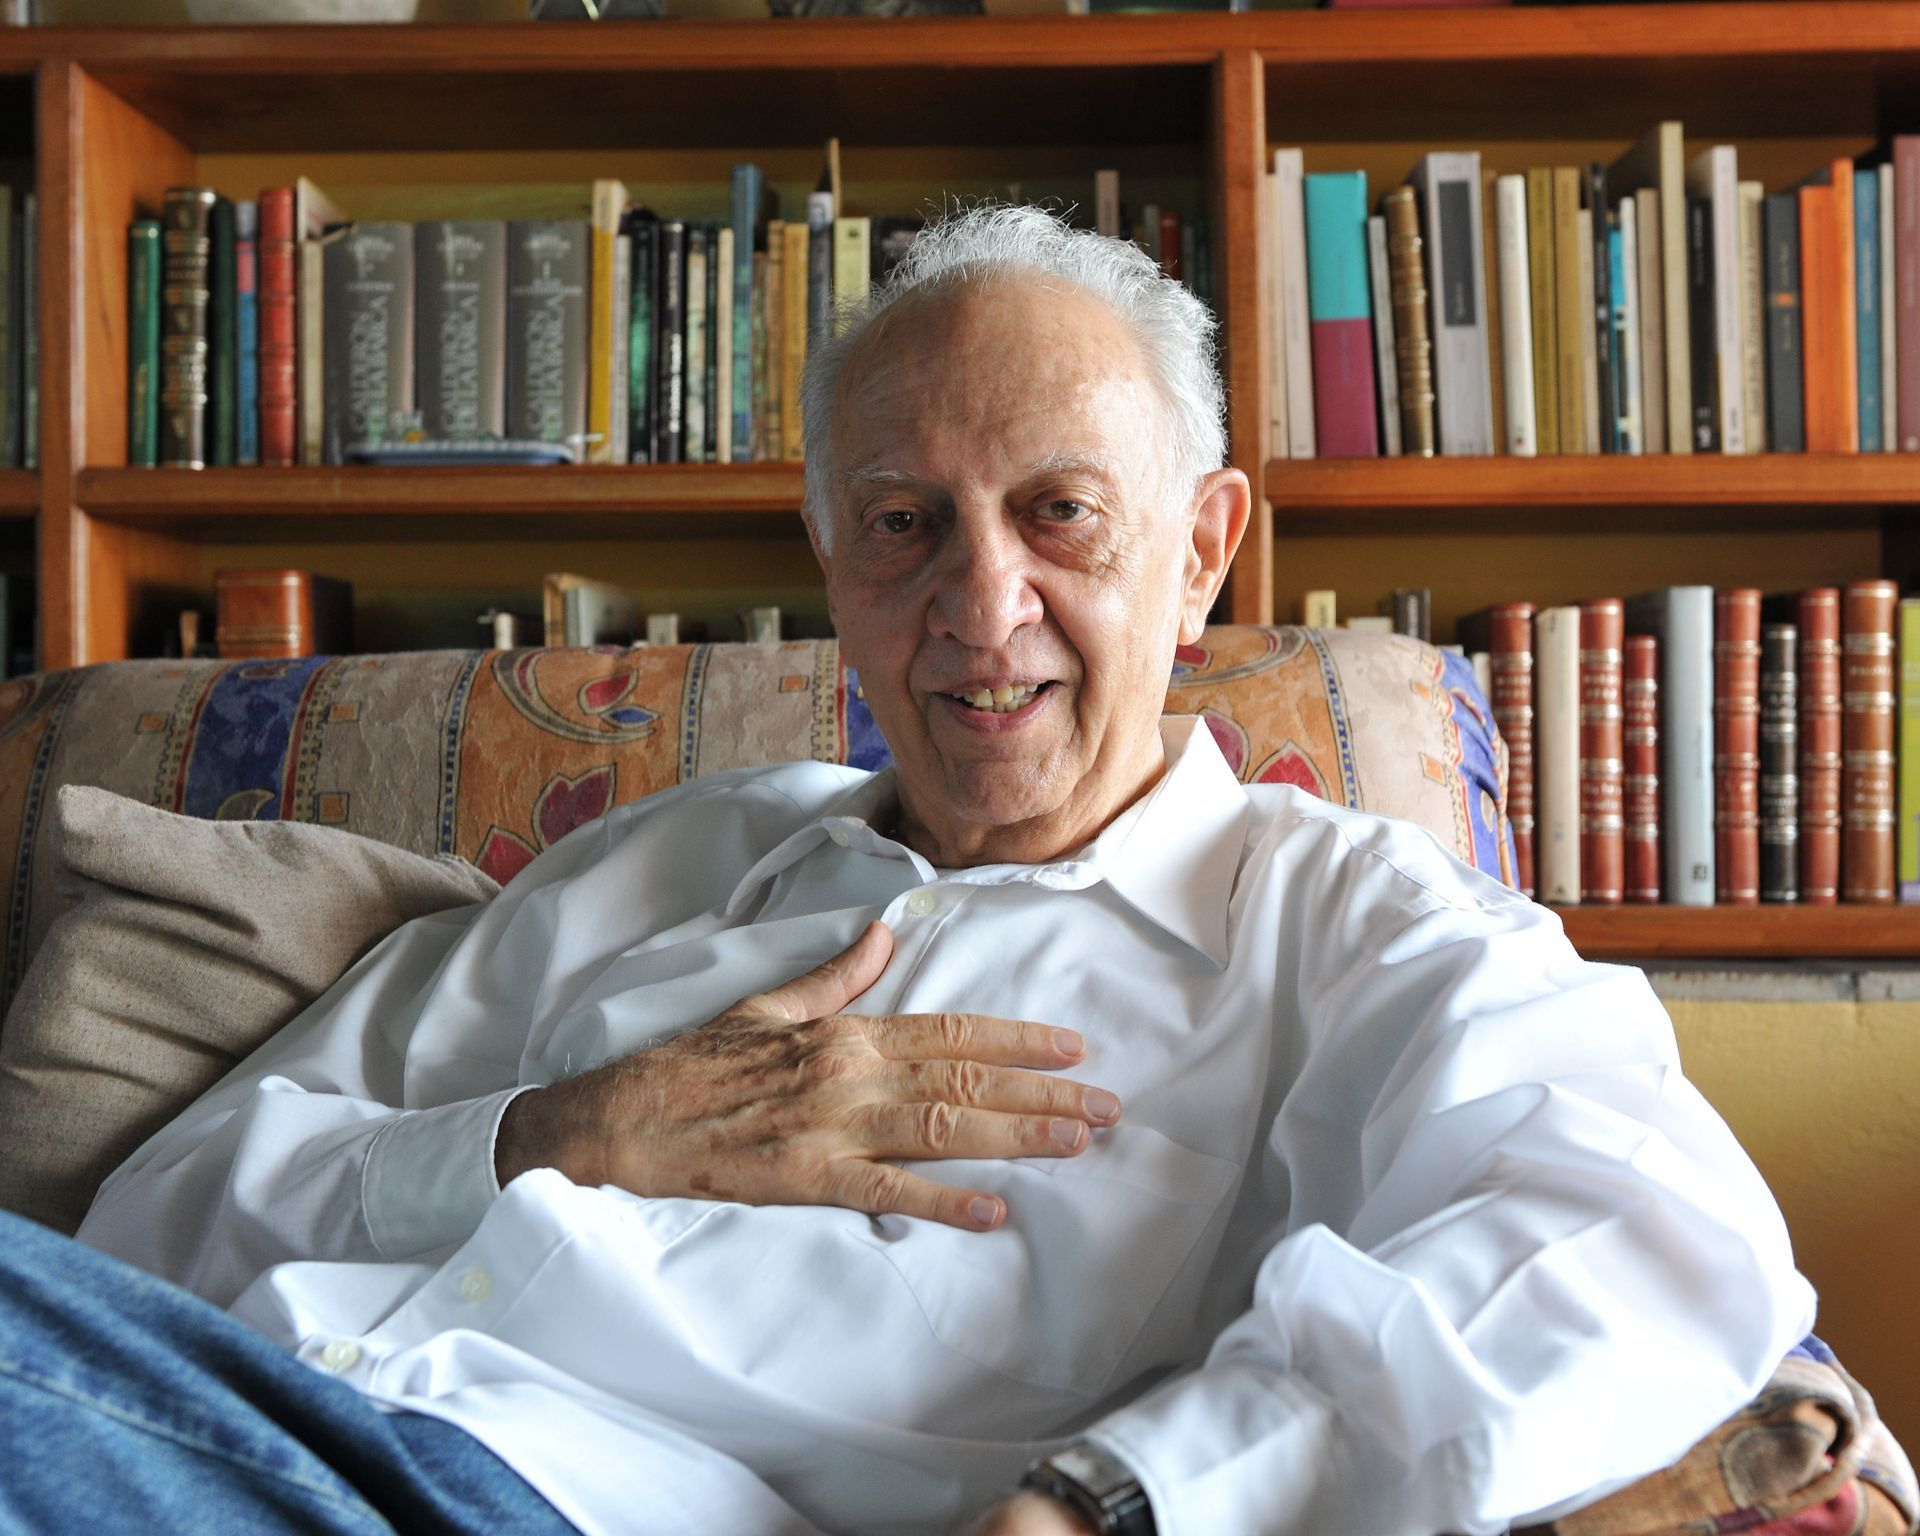 Escritor mexicano Sergio Pitol, en su casa de la ciudad de Xalapa